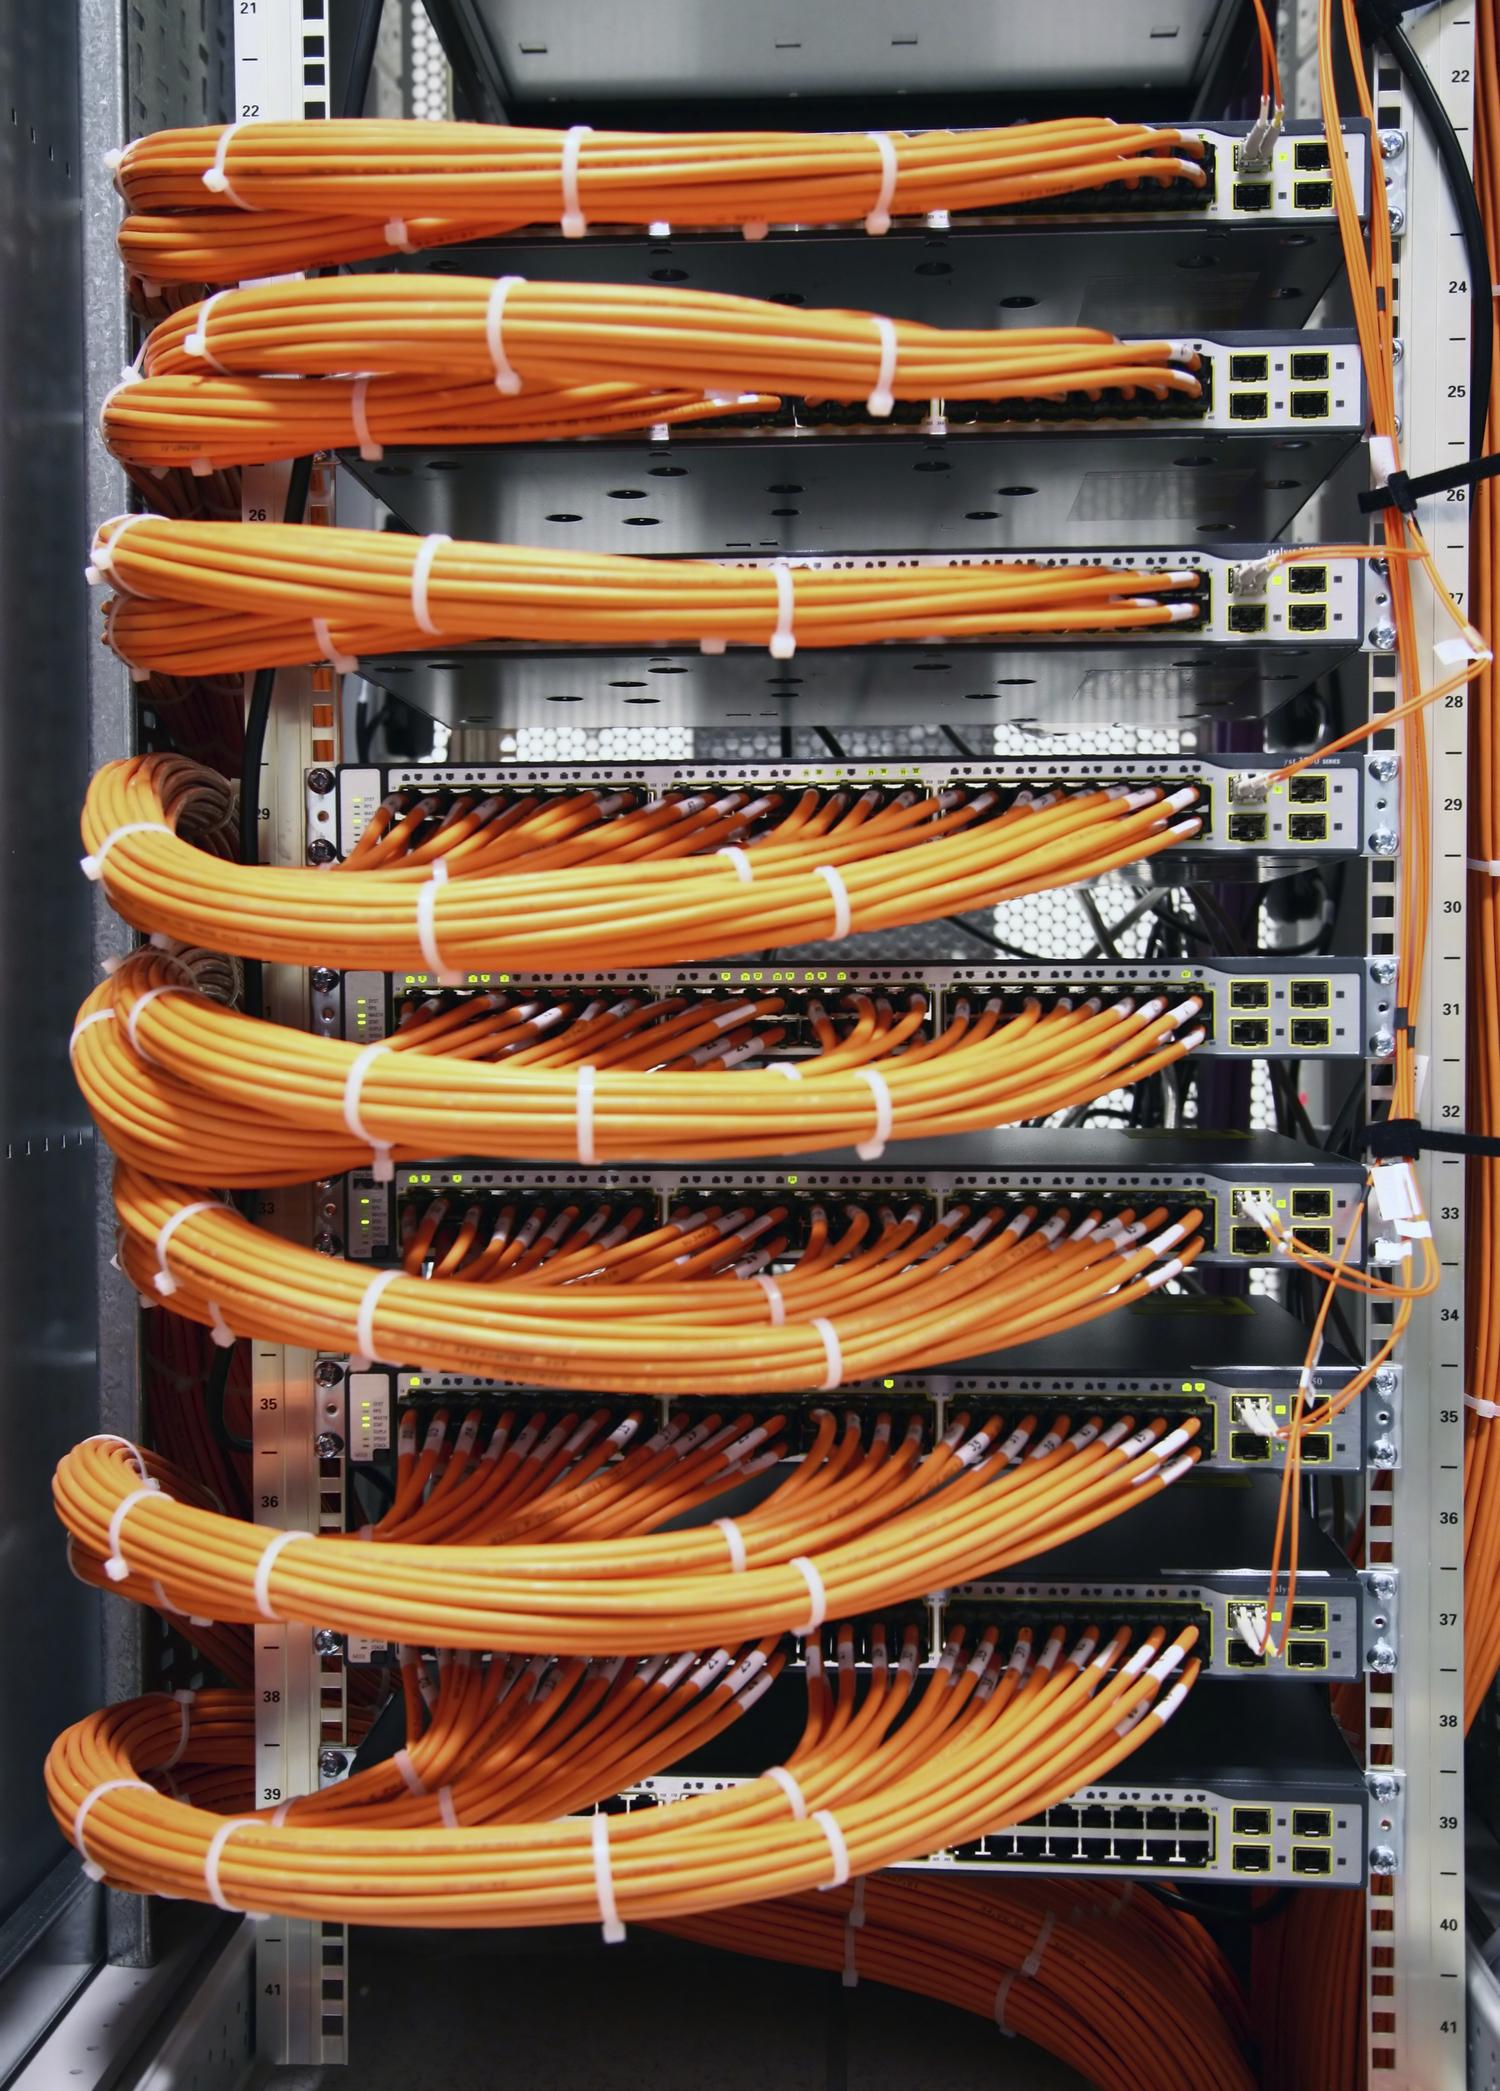 εγκατασταση δομημενης καλωδιωσης